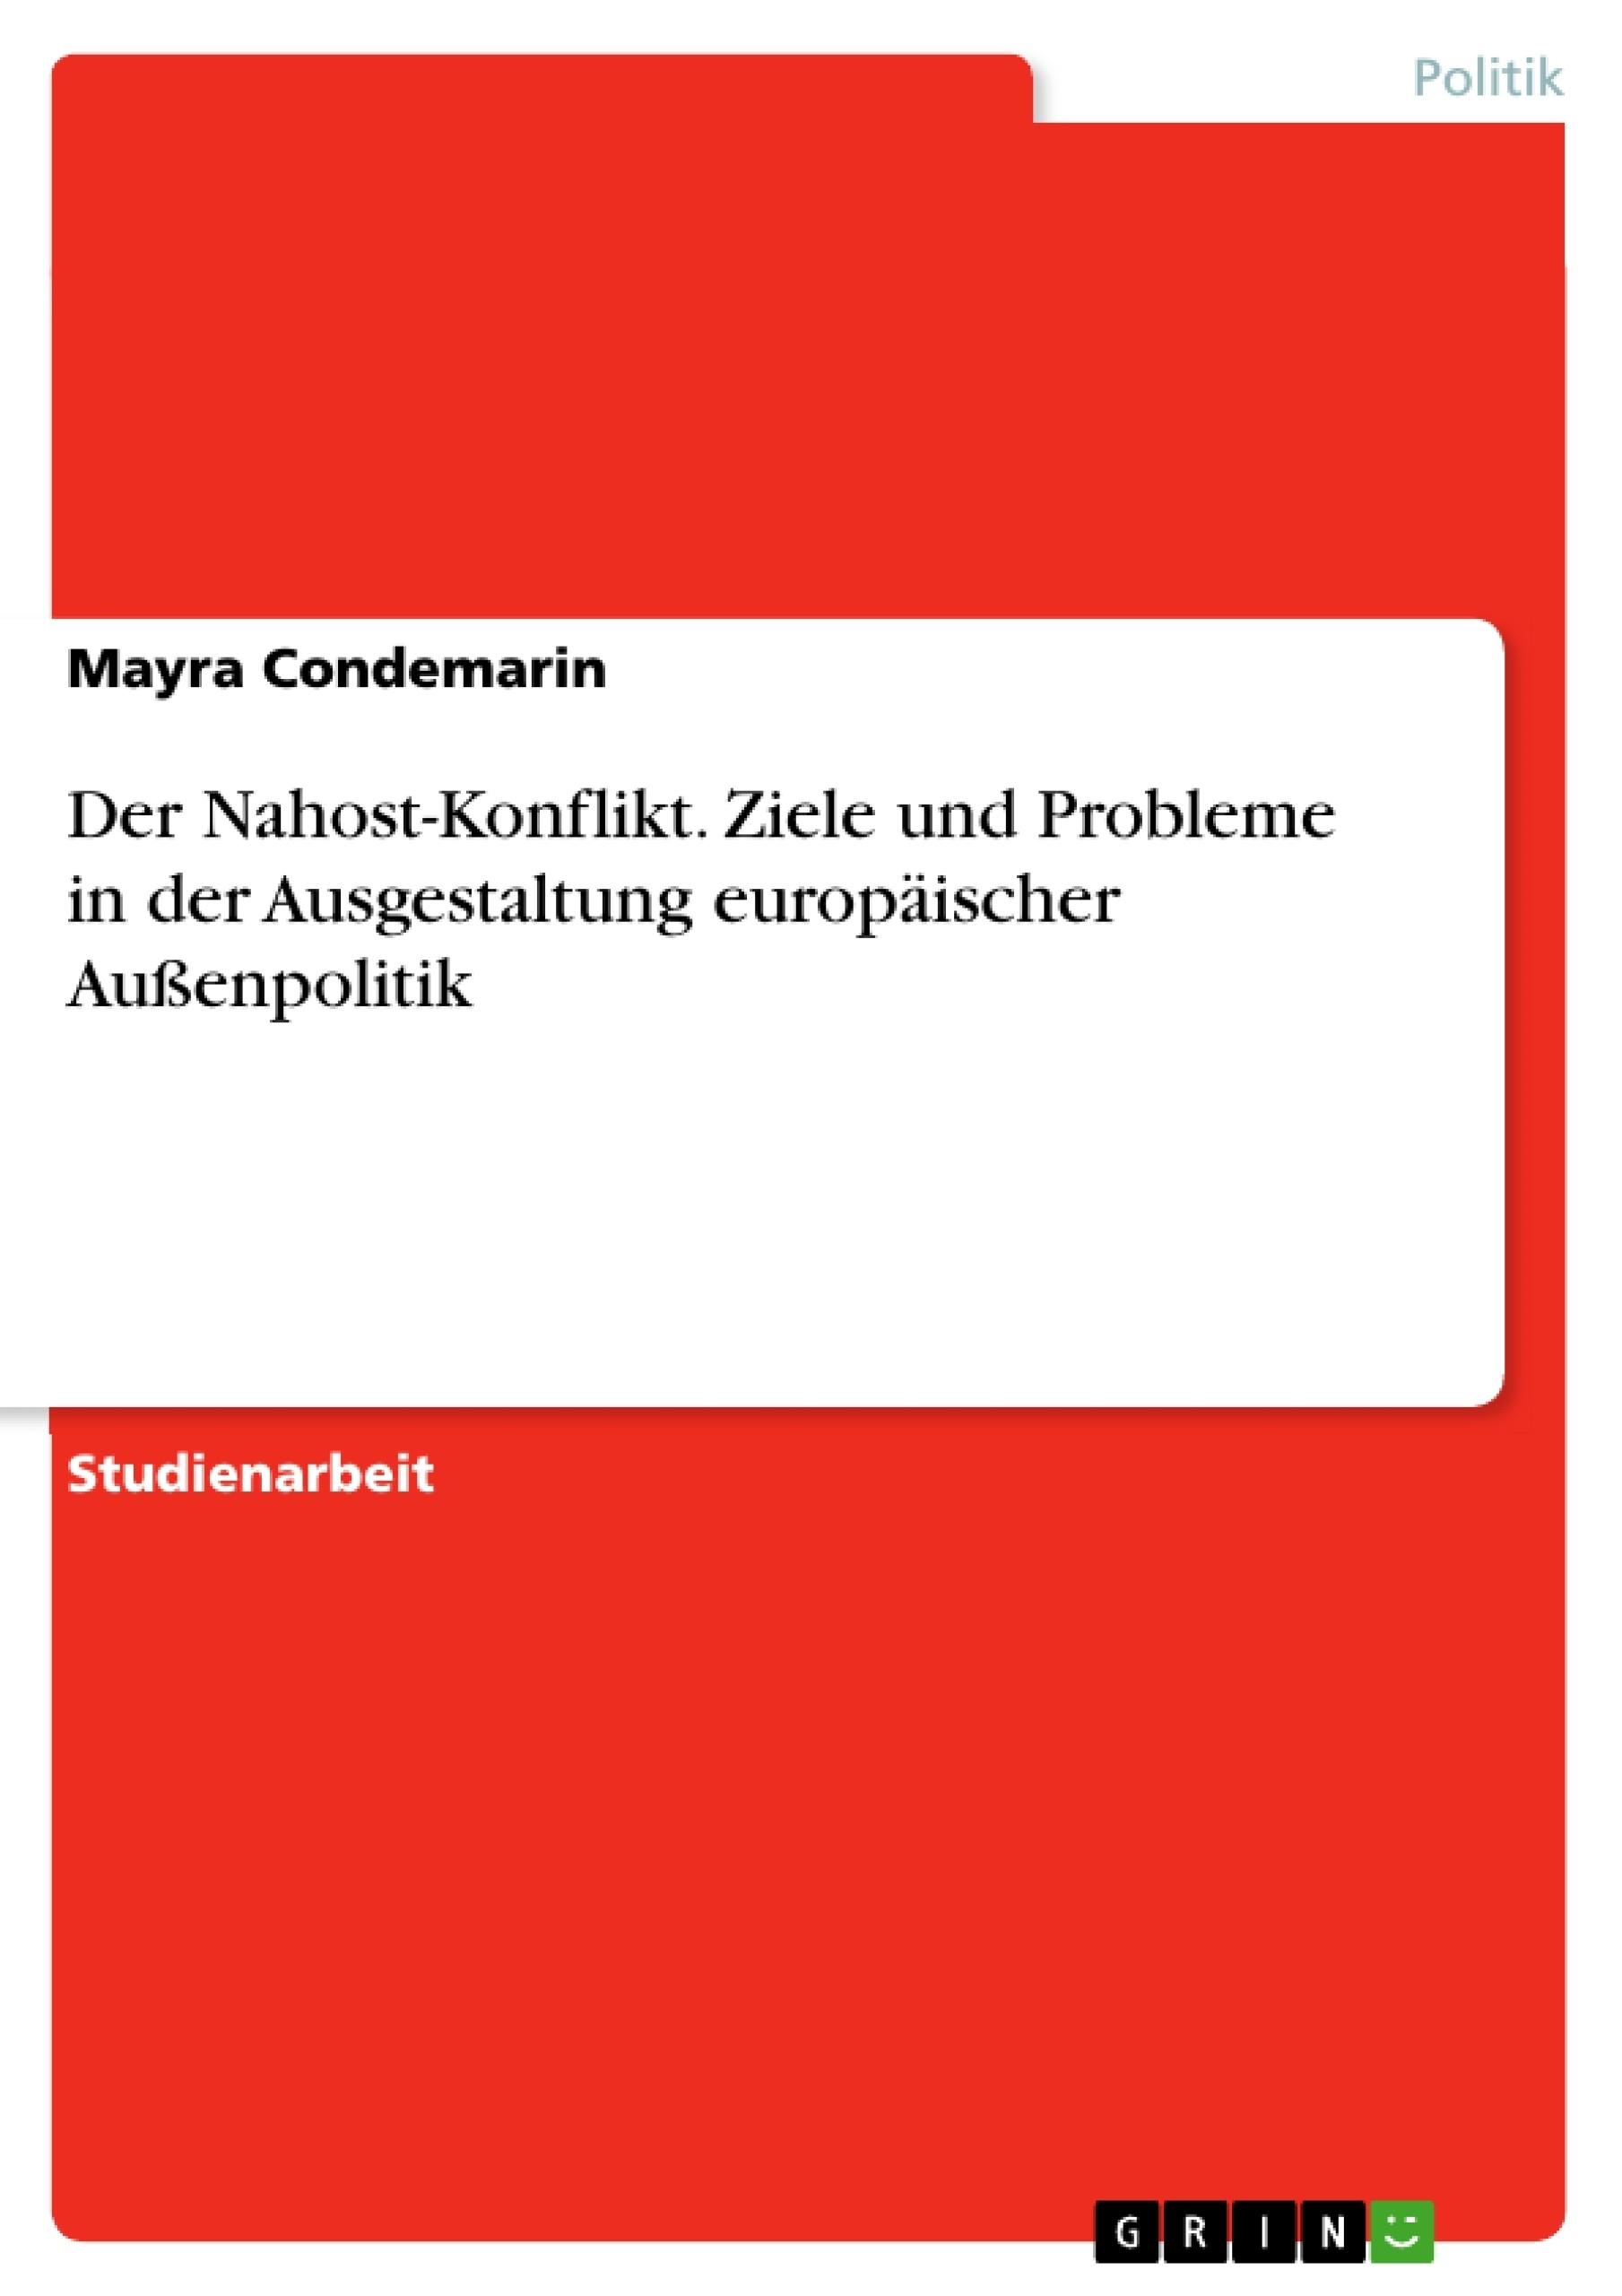 Titel: Der Nahost-Konflikt. Ziele und Probleme in der Ausgestaltung europäischer Außenpolitik